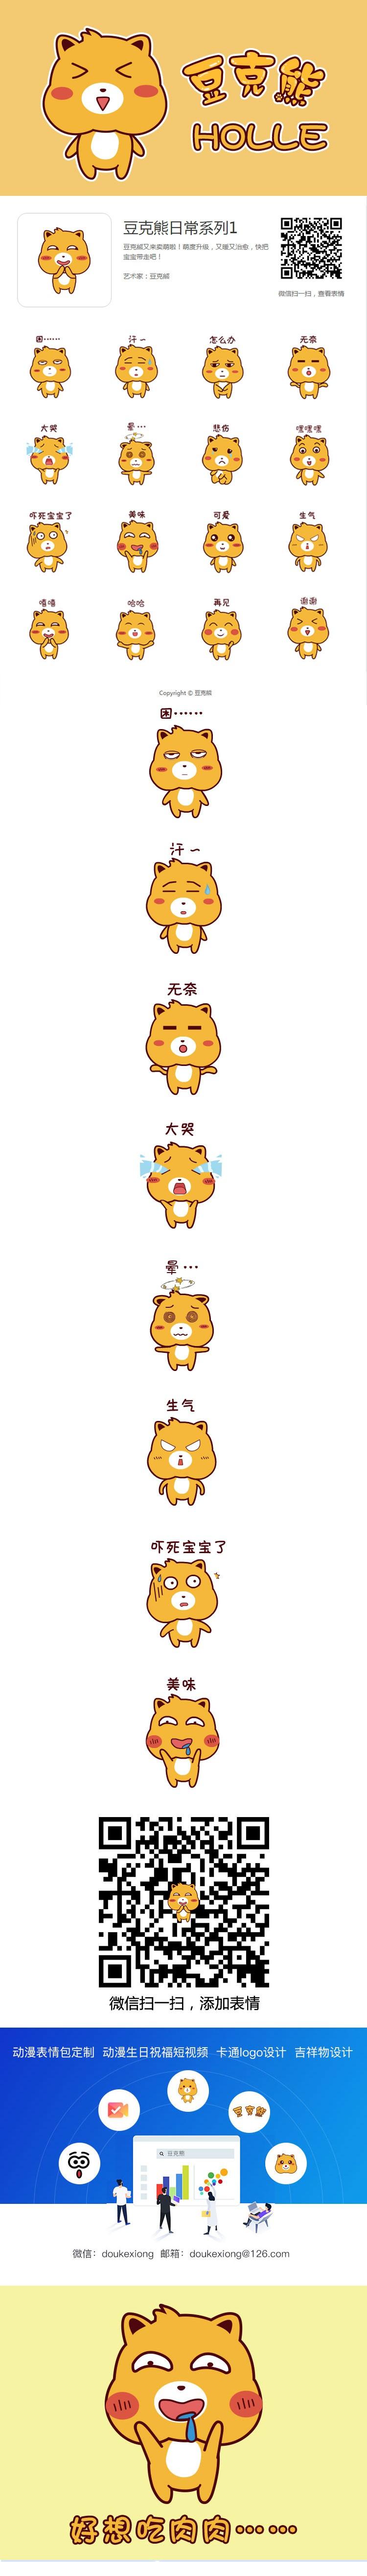 【豆克熊】原创动漫微信表情之日常系列①